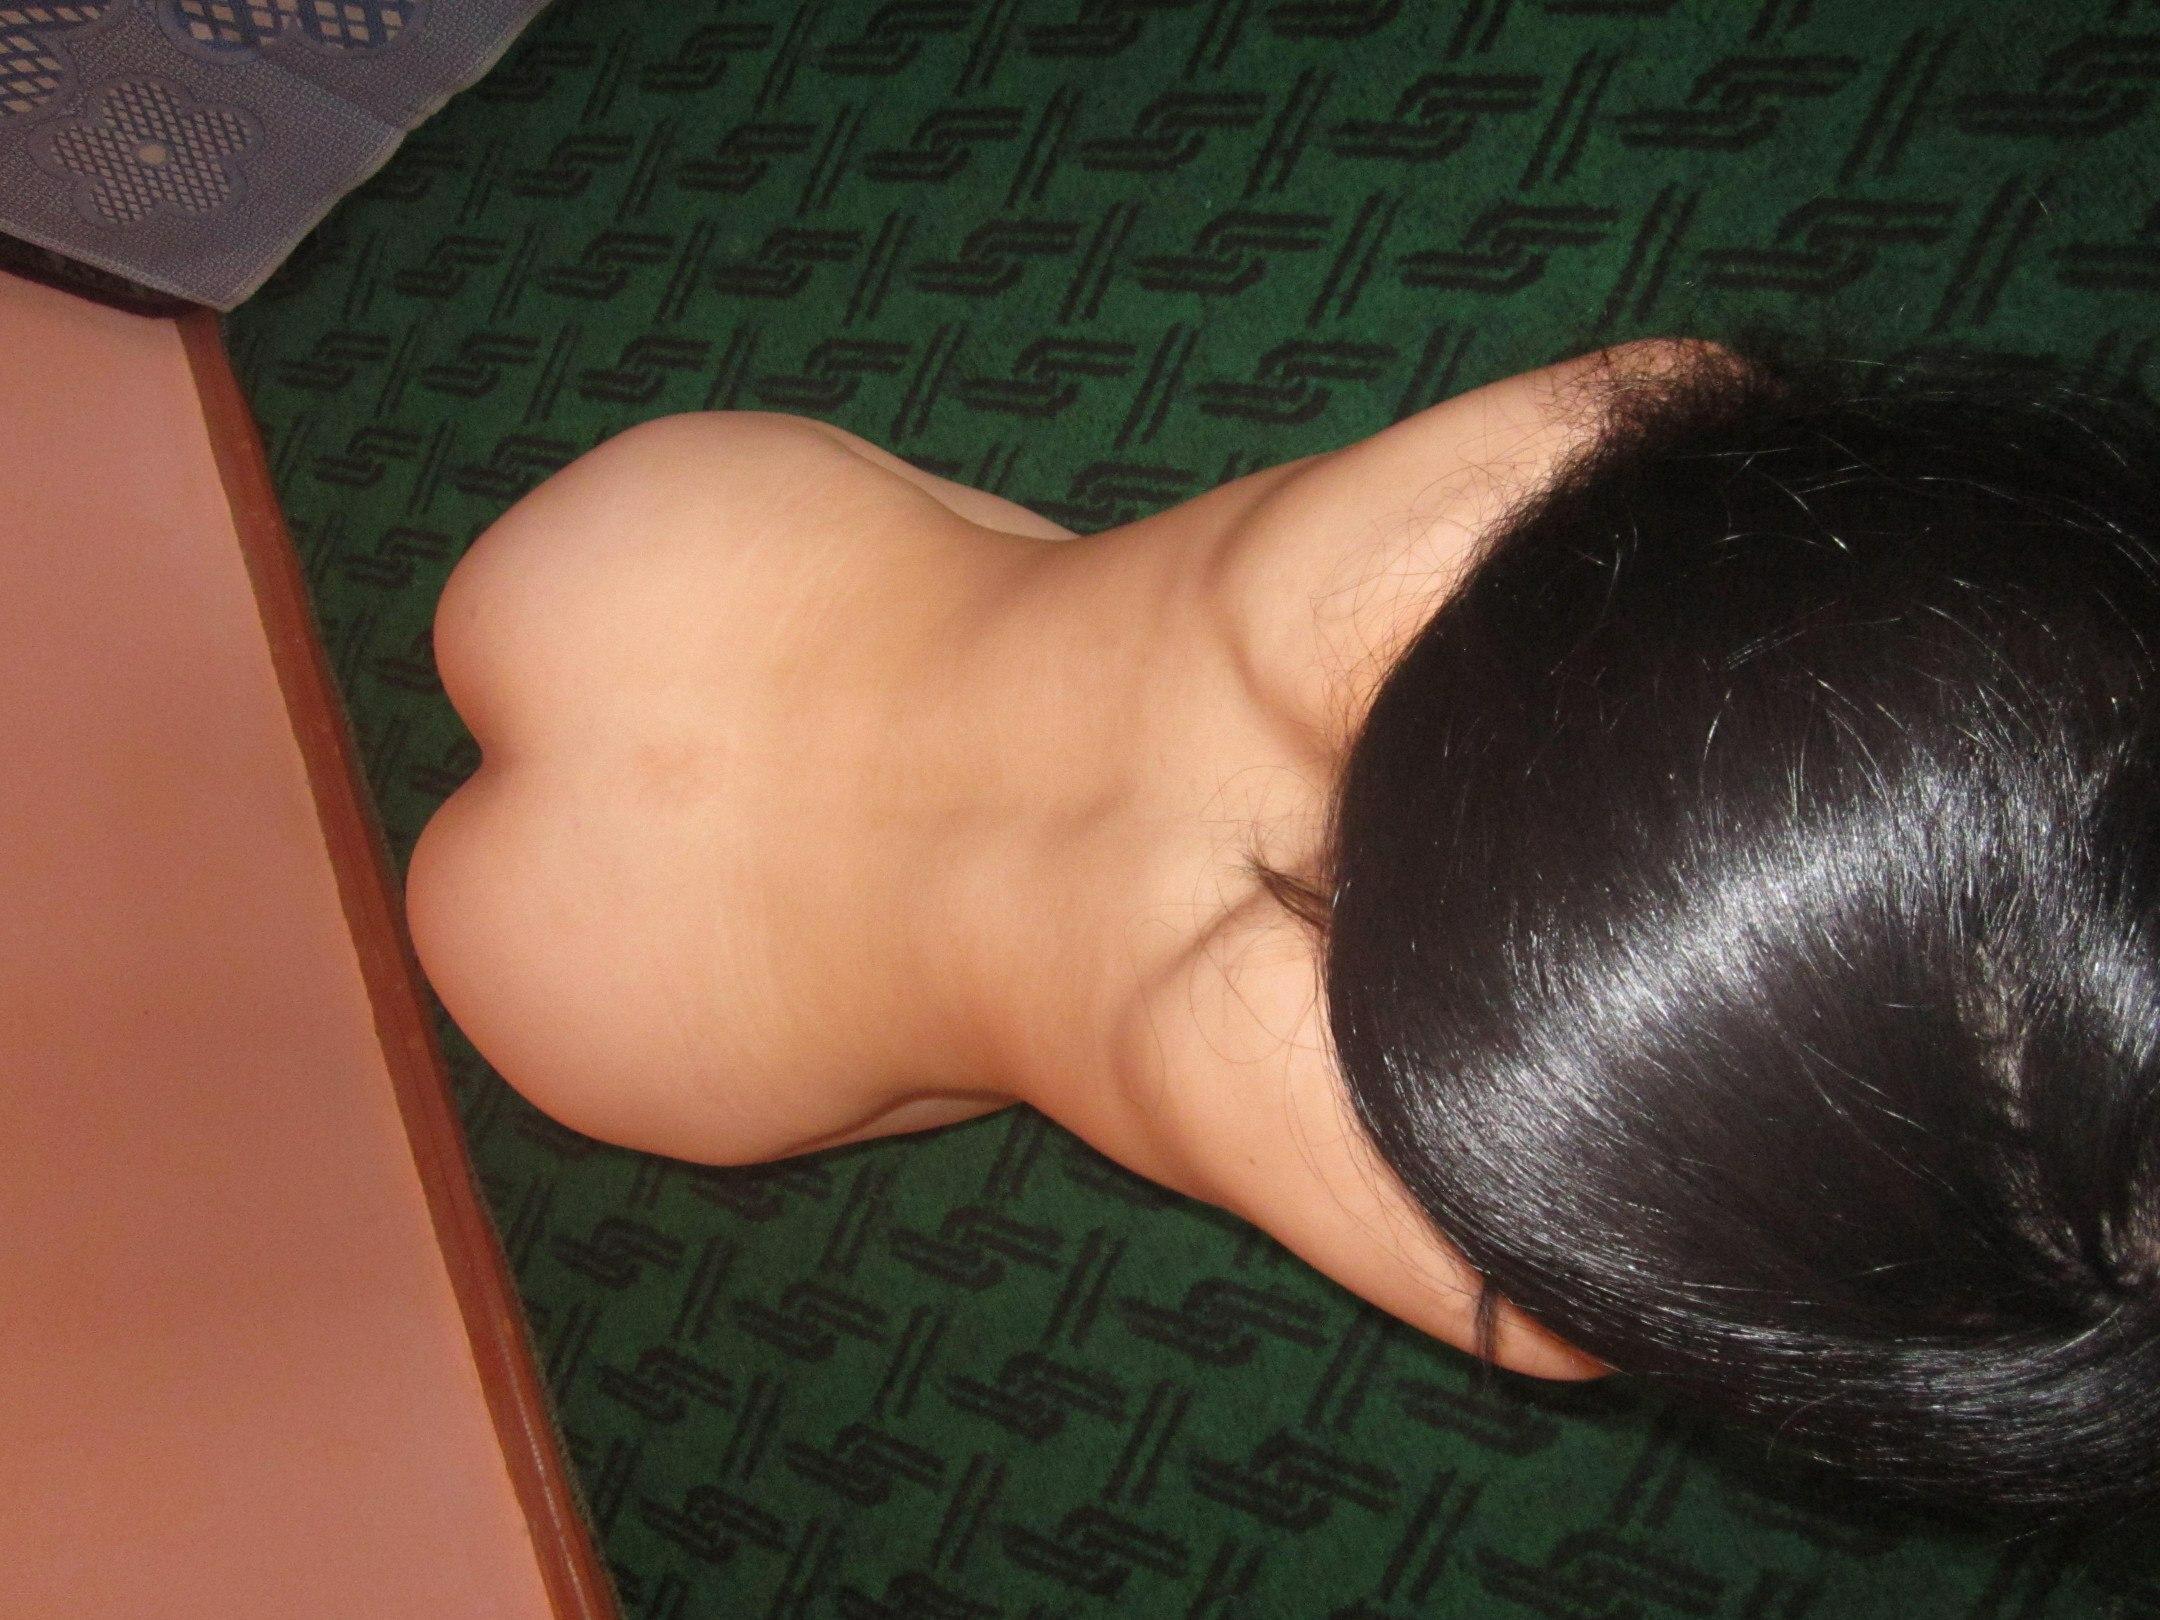 Брюнетка в трусиках выставляет на всеобщее обозрение задницу в постели